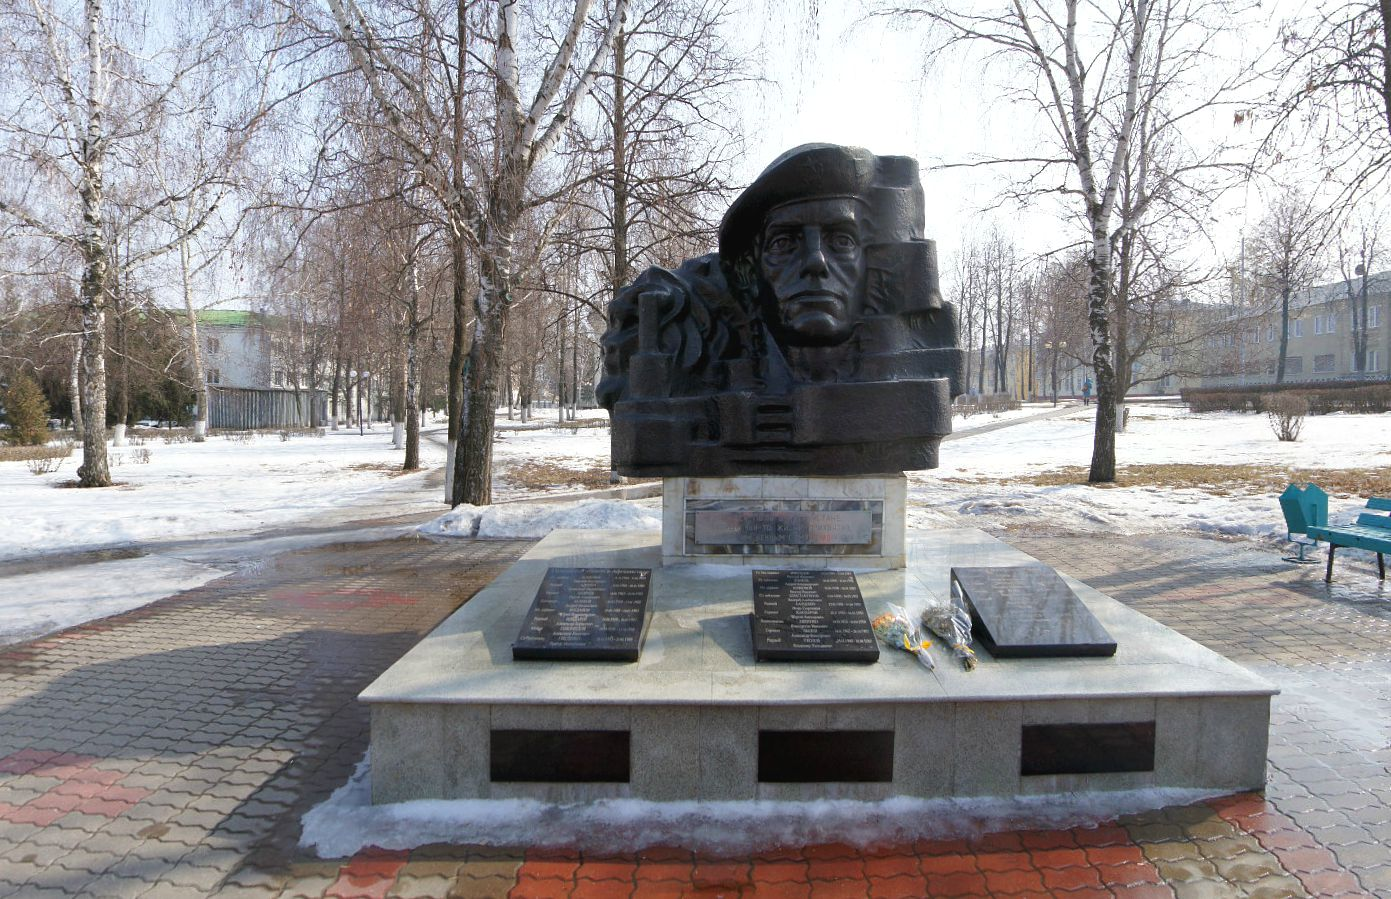 Памятник тачанка в ростове на дону фото шкура